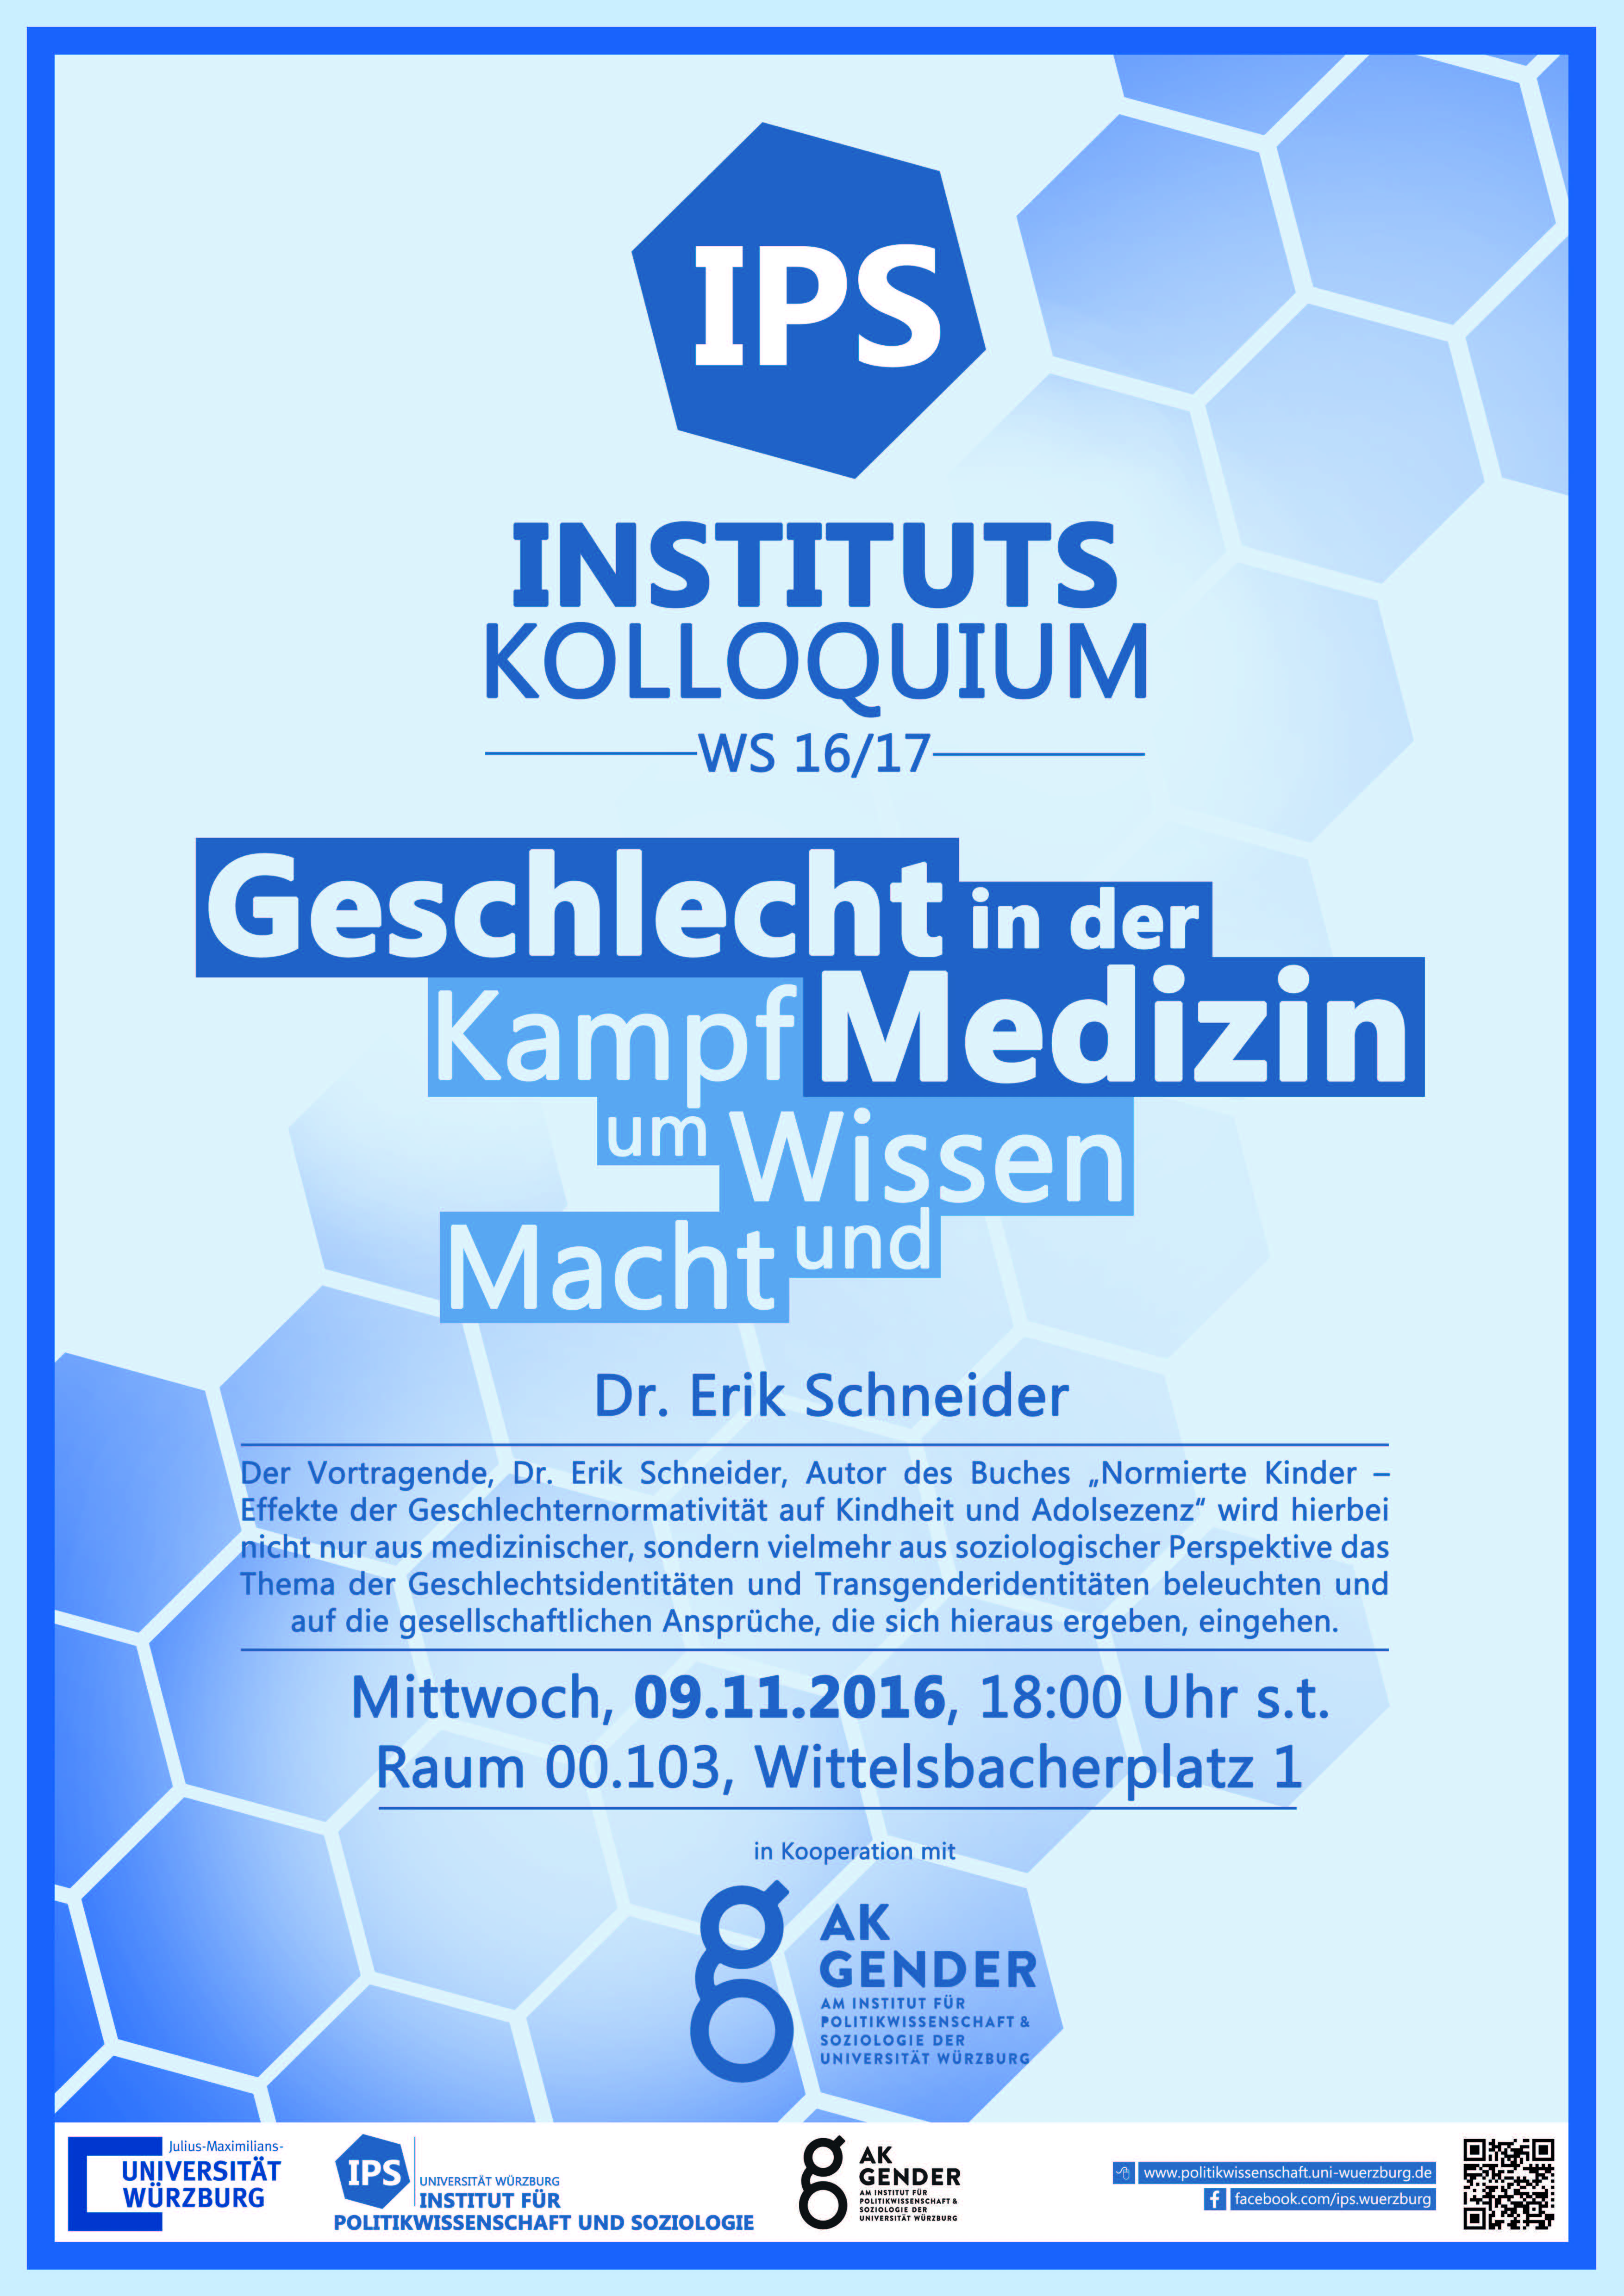 Anzeige zum Instituts Kollolquium - Geschlecht in der Medizin - Kampf um Wissen und Macht